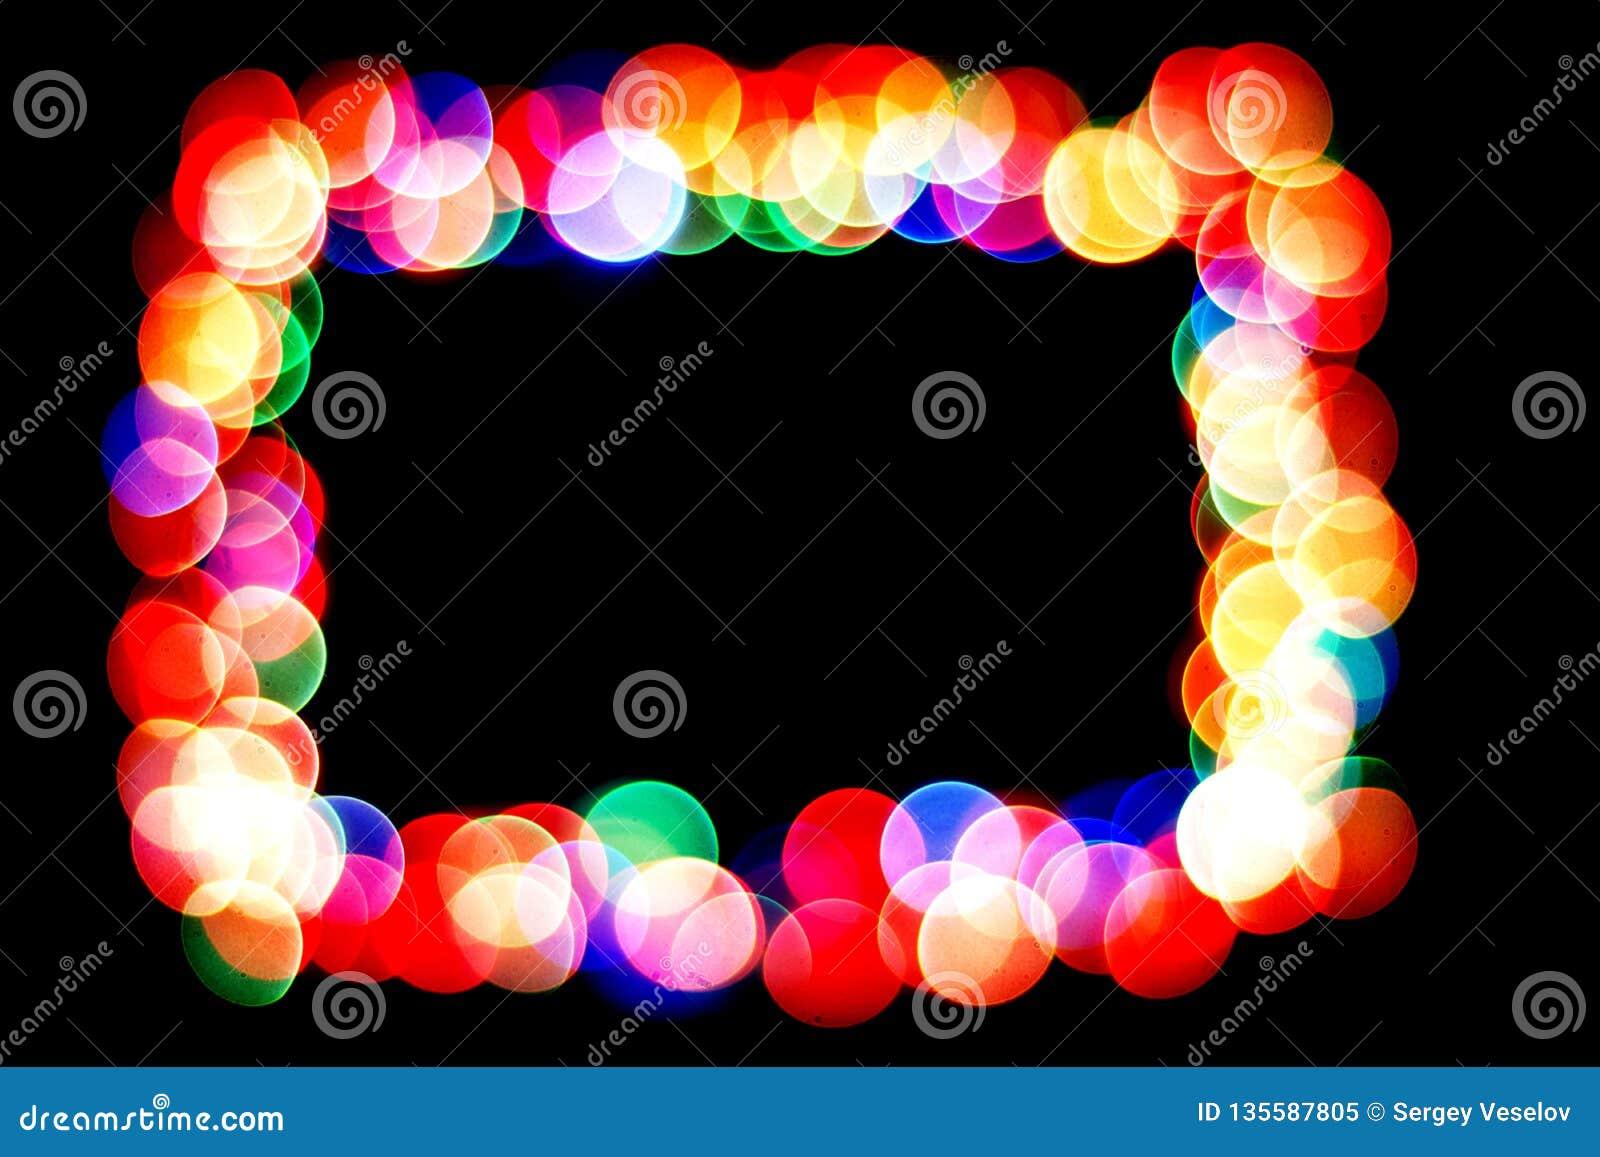 Os círculos coloridos formam um quadro círculo do bokeh isolado no fundo preto Quadro dos círculos